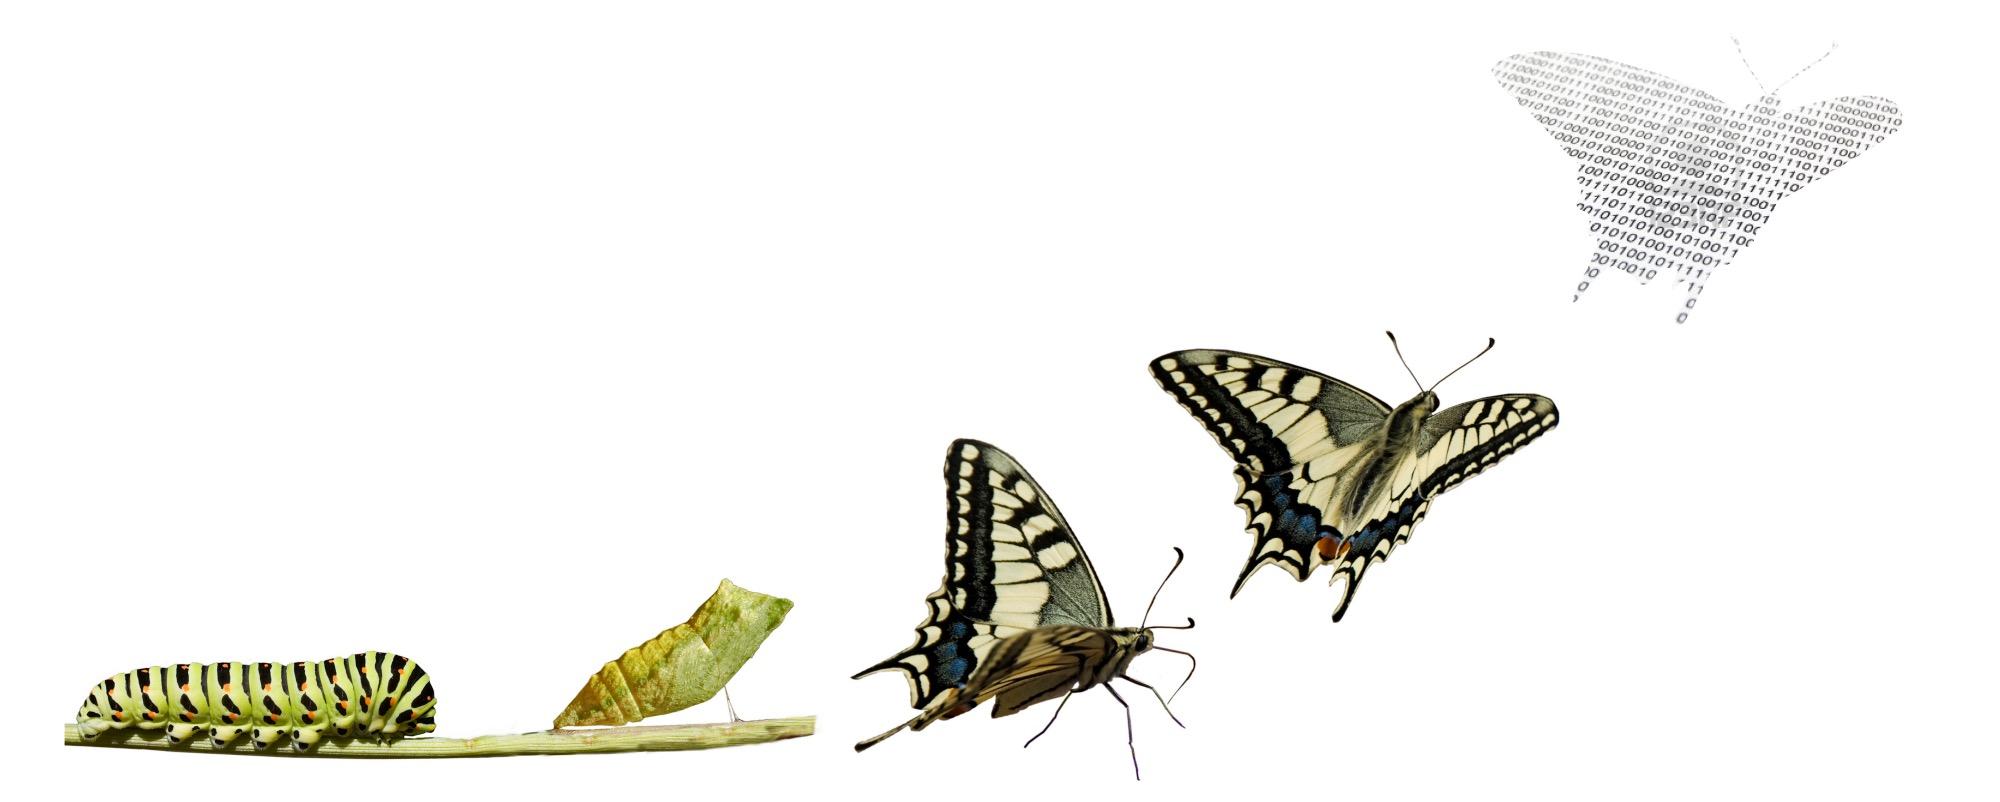 La transformación del cambio tecnológico